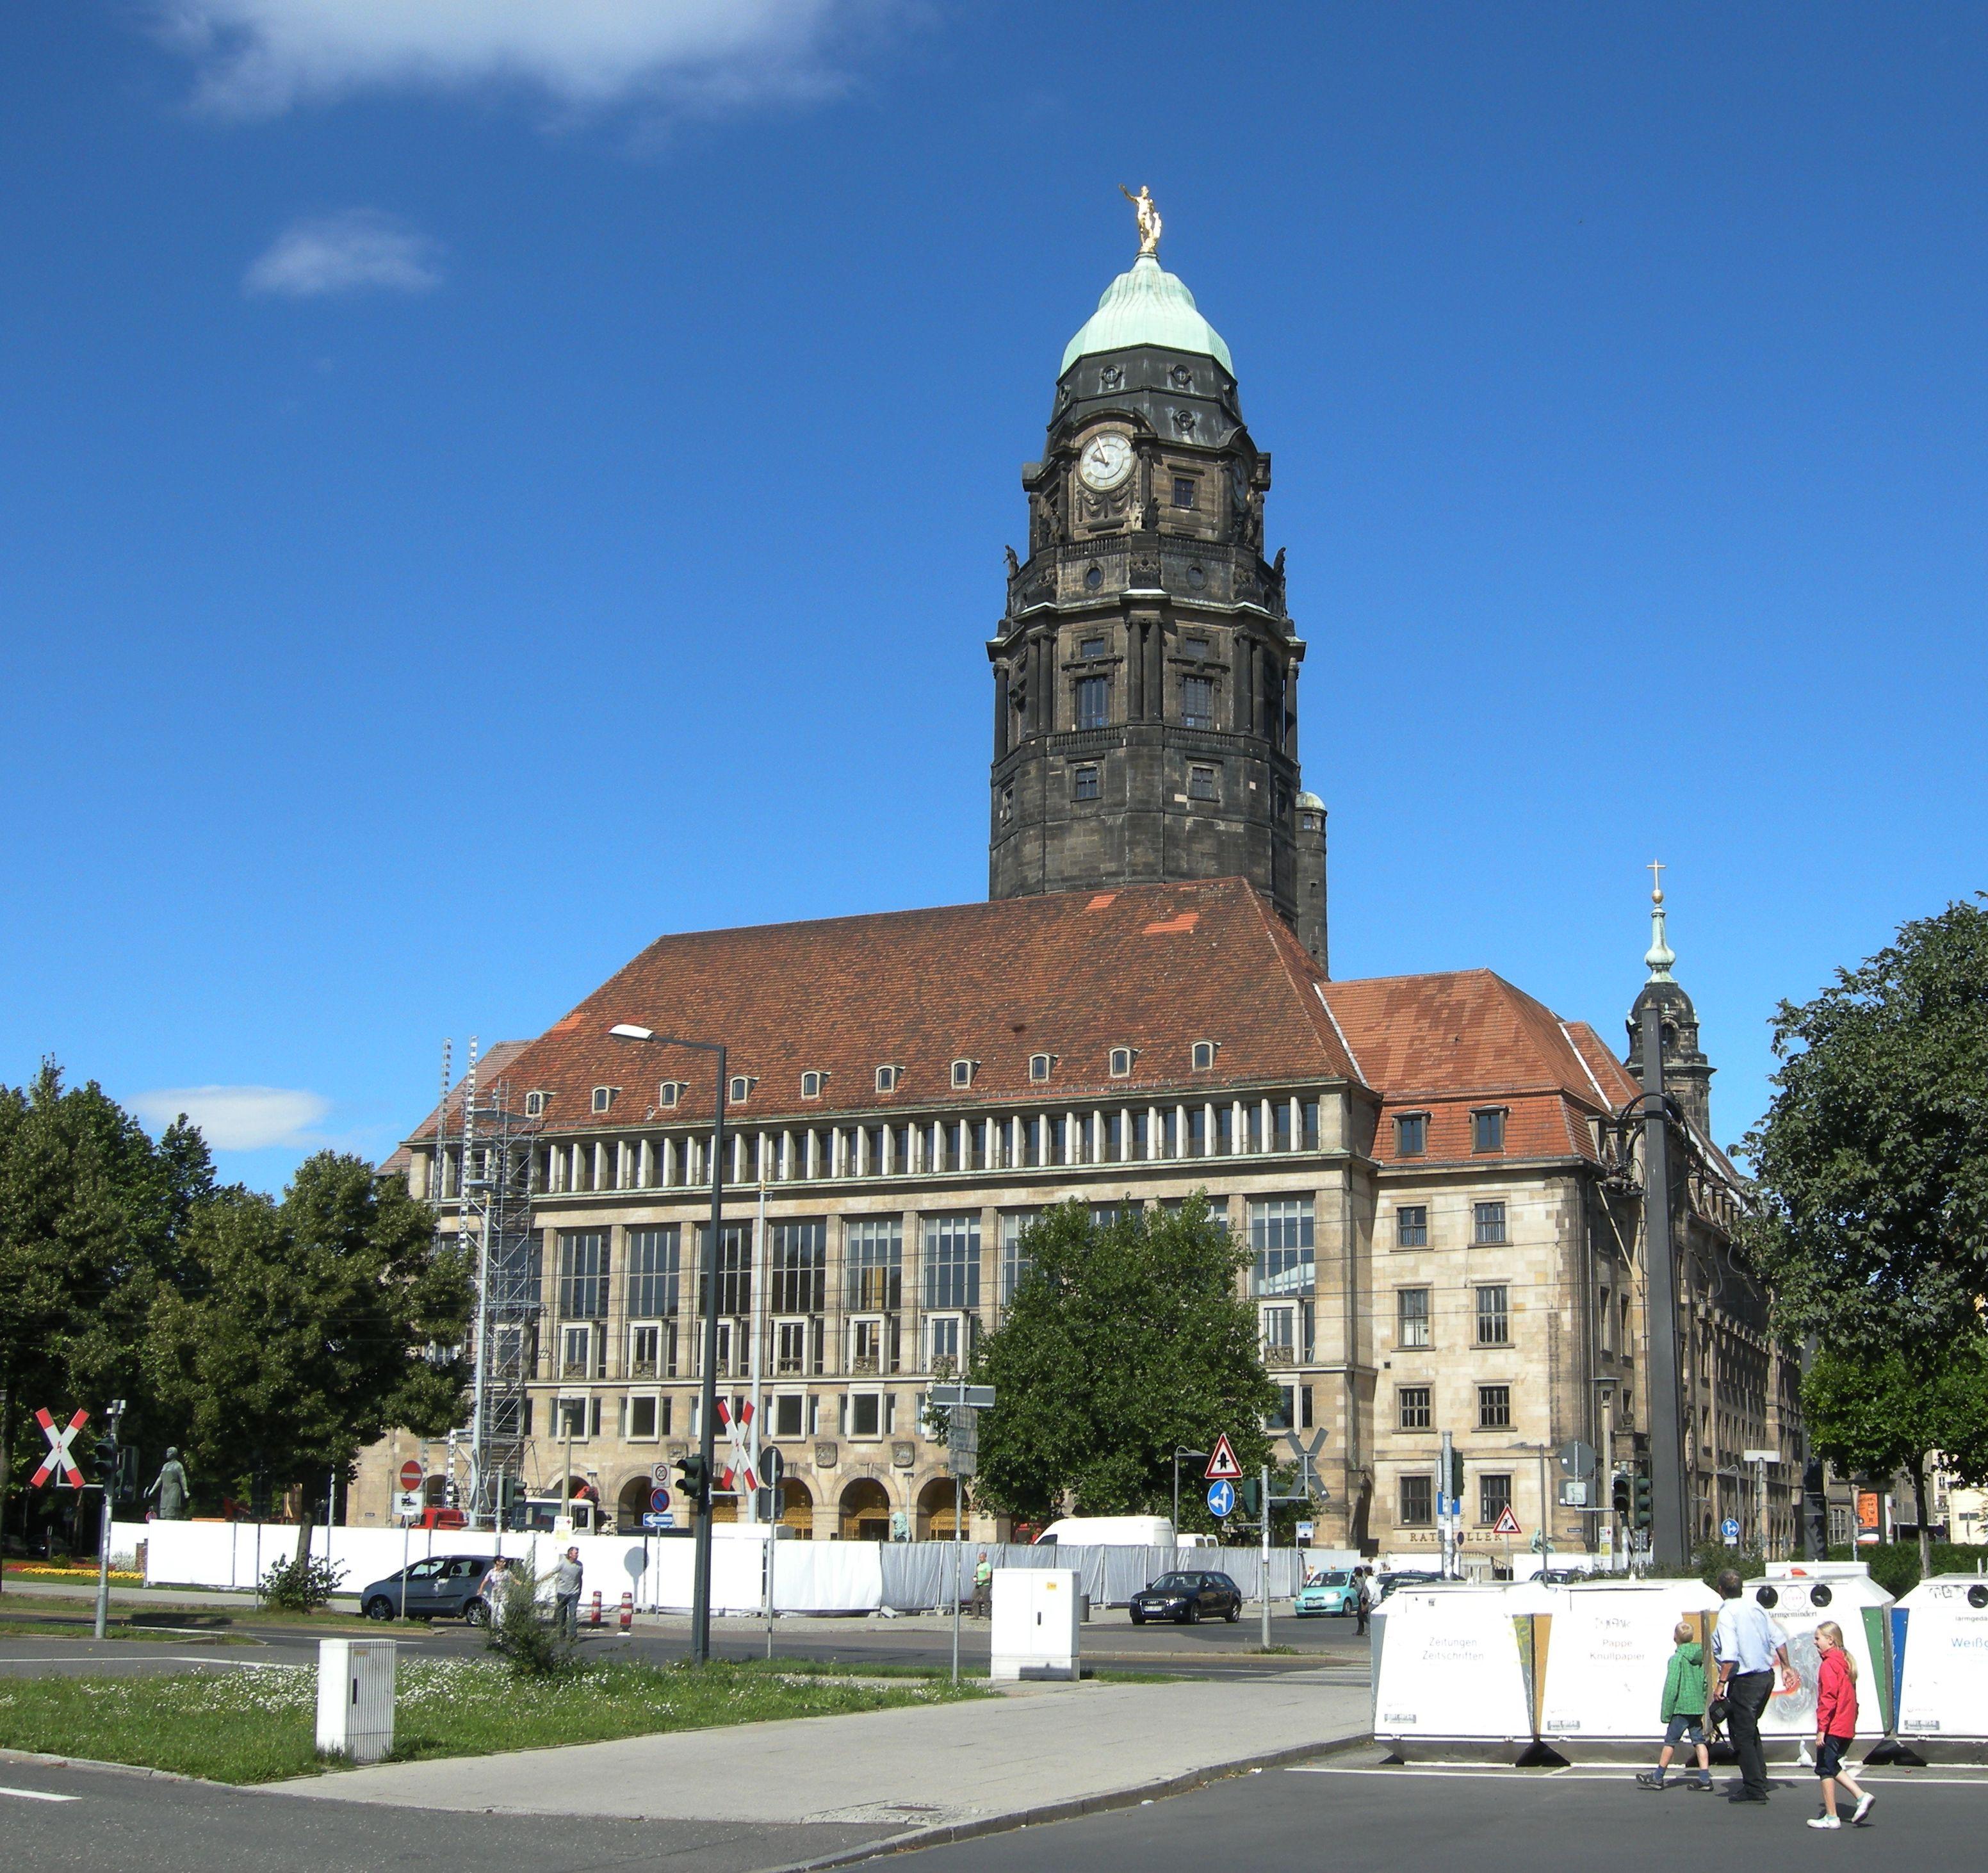 das rathaus in Dresden